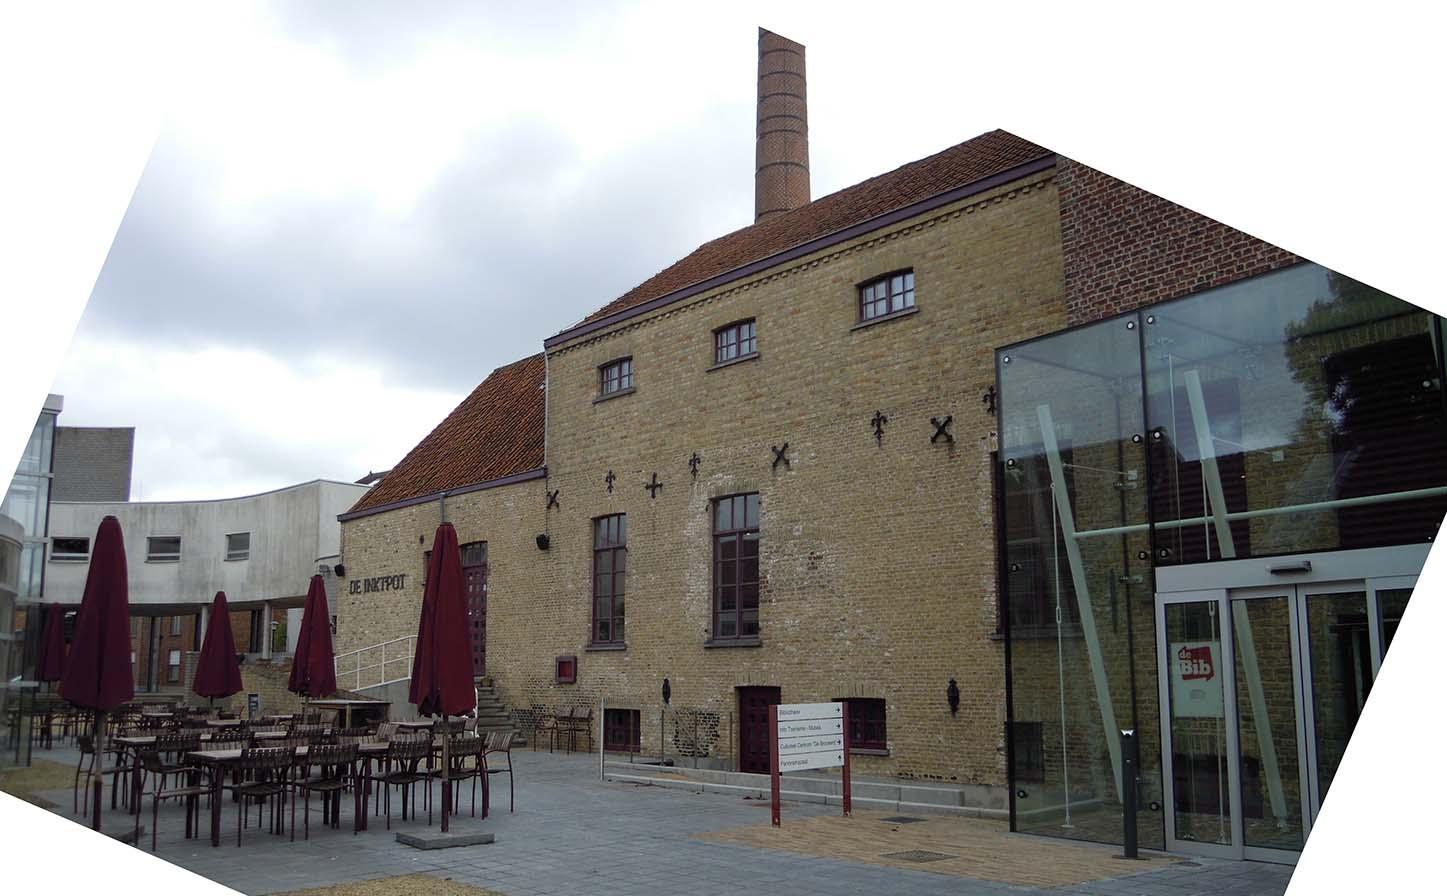 Koekelare - oude brouwerij